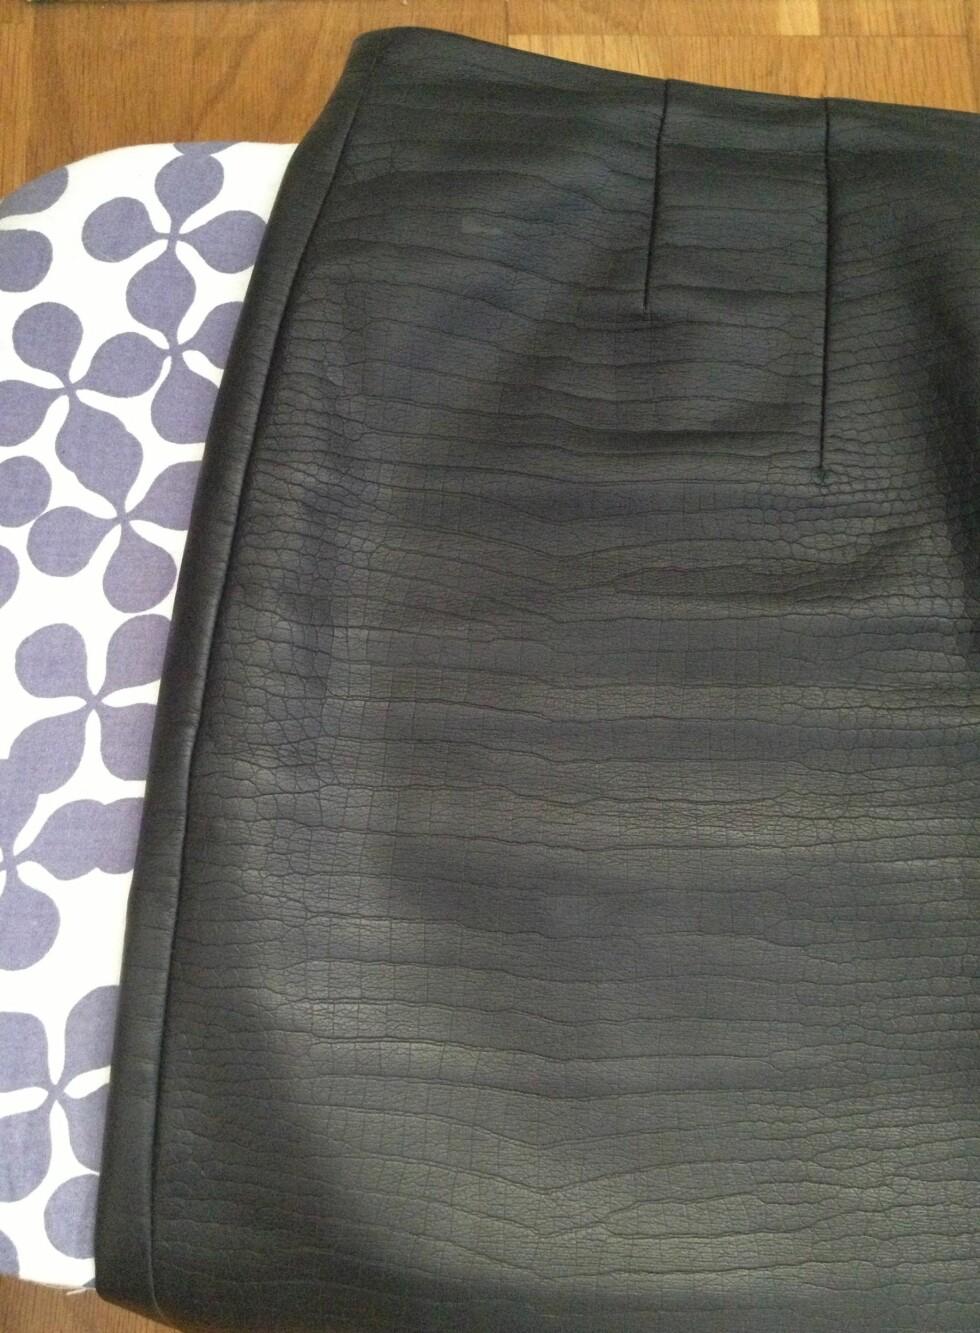 ETTER: Ja, du kan stryke skinn!  Selv om skinnplagget har tekstur, trenger det slettes ikke å være skrukkete.  Foto: Aina Kristiansen